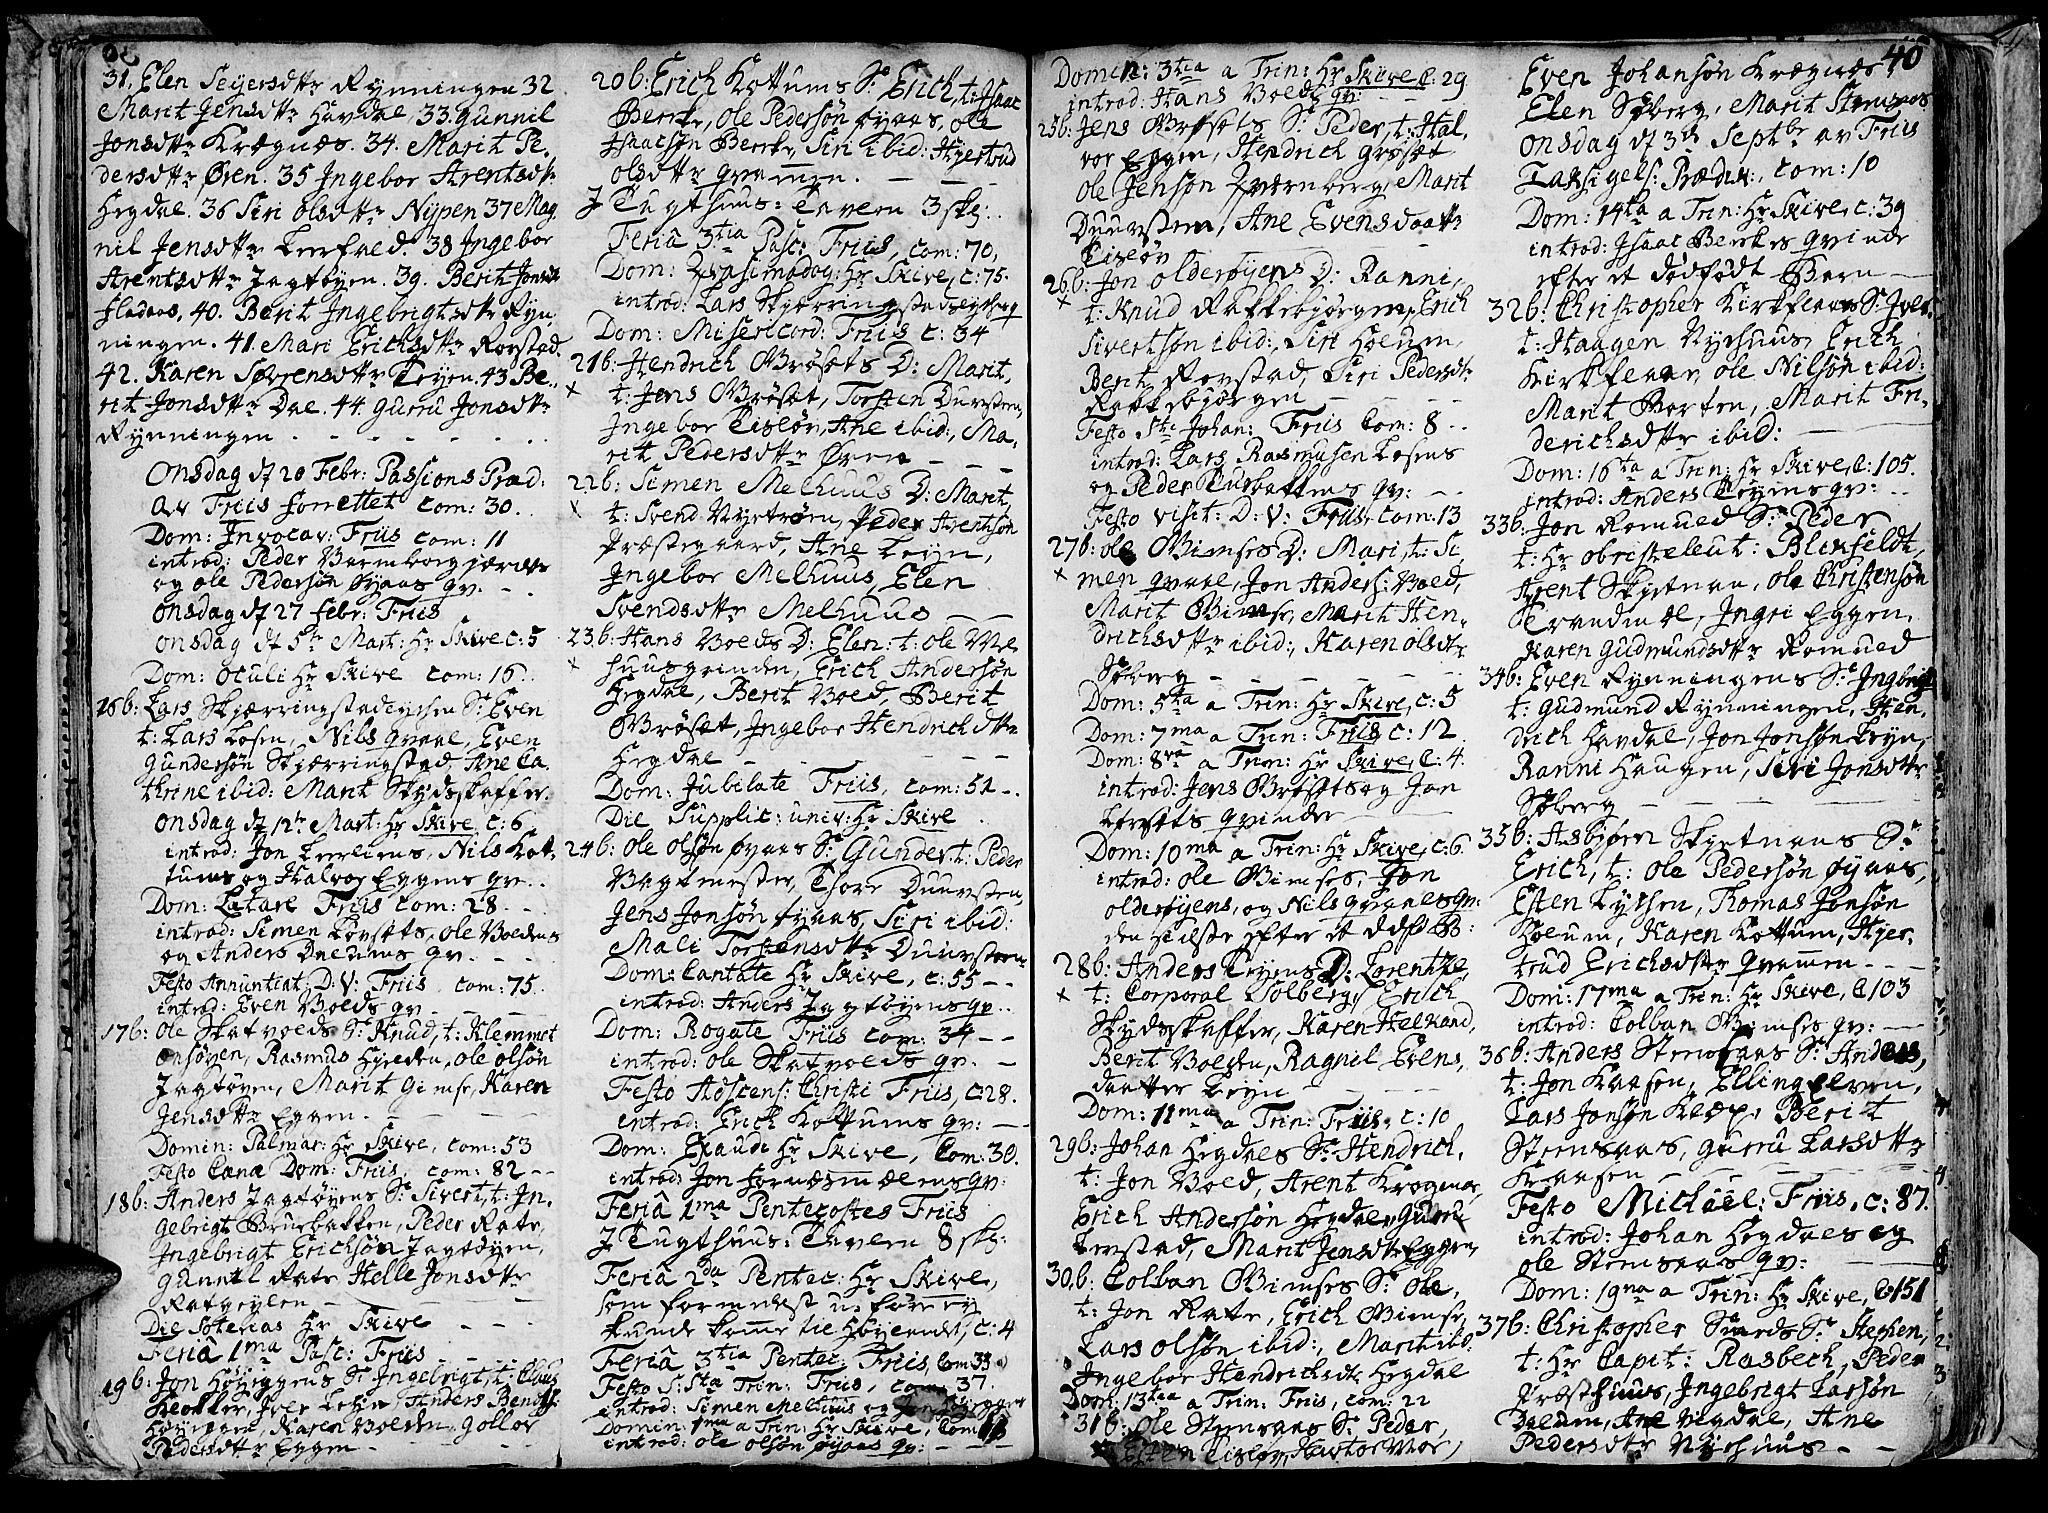 SAT, Ministerialprotokoller, klokkerbøker og fødselsregistre - Sør-Trøndelag, 691/L1057: Ministerialbok nr. 691A01 /1, 1740-1767, s. 40